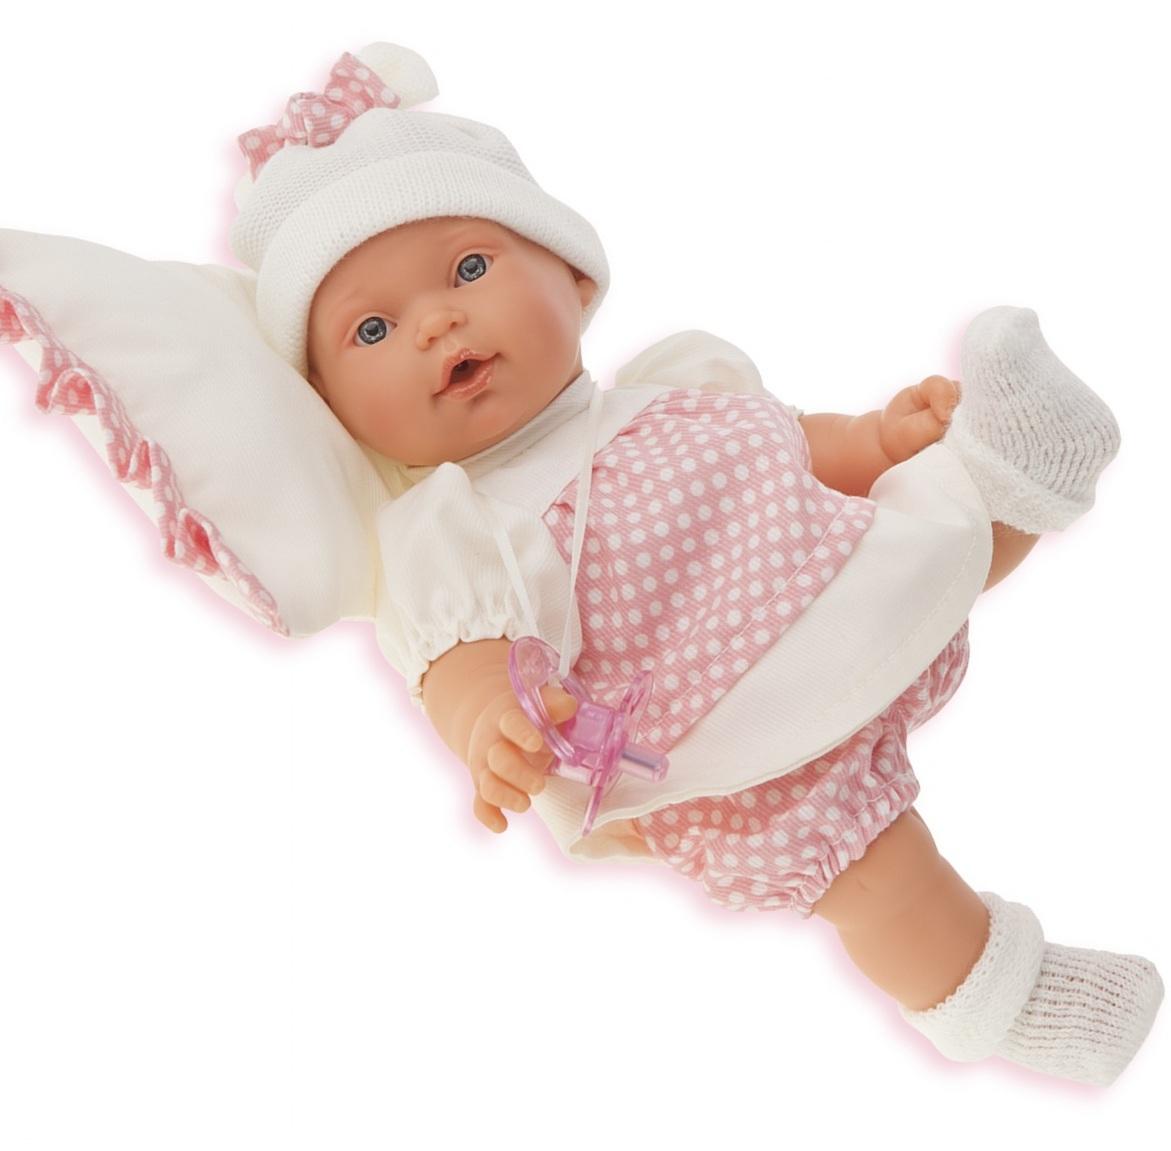 Кукла Ланита на бежевой подушке, 27 см, плачетКуклы Антонио Хуан (Antonio Juan Munecas)<br>Кукла Ланита на бежевой подушке, 27 см, плачет<br>